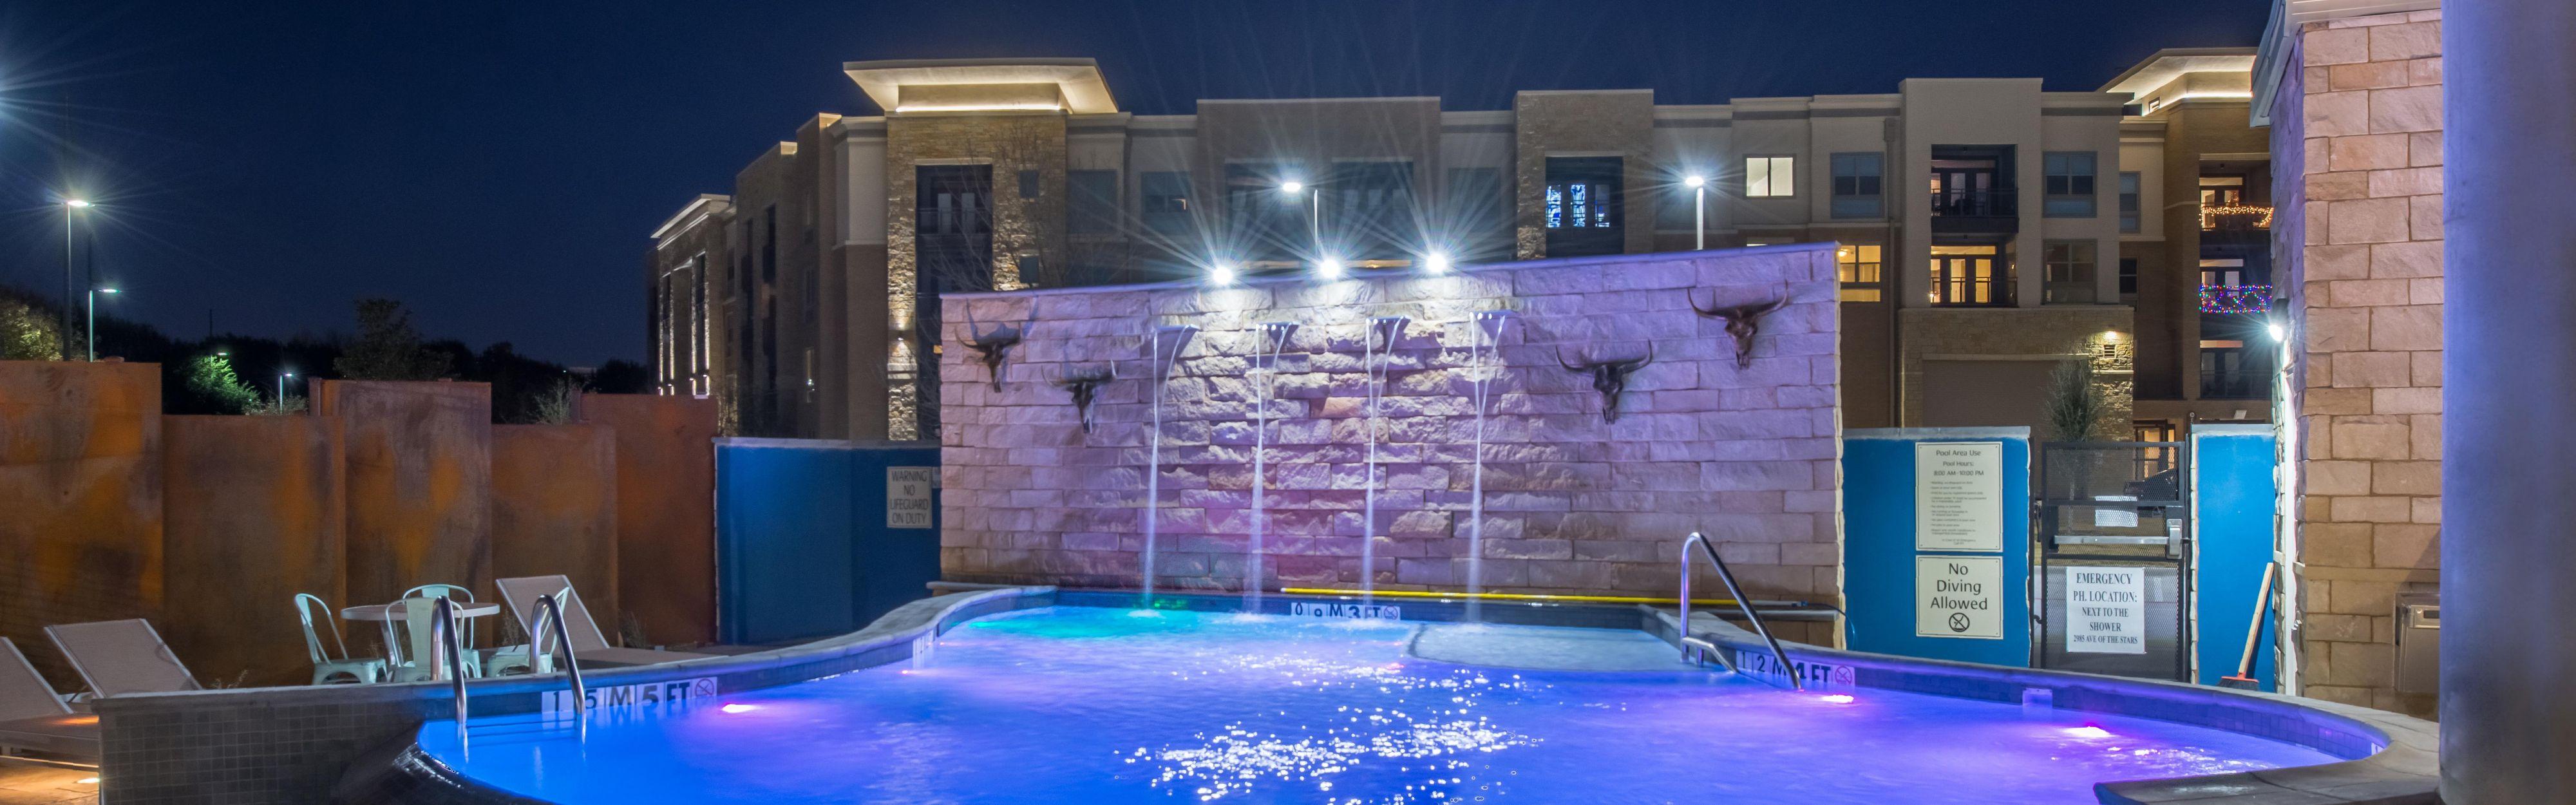 Hotel Indigo Frisco image 2